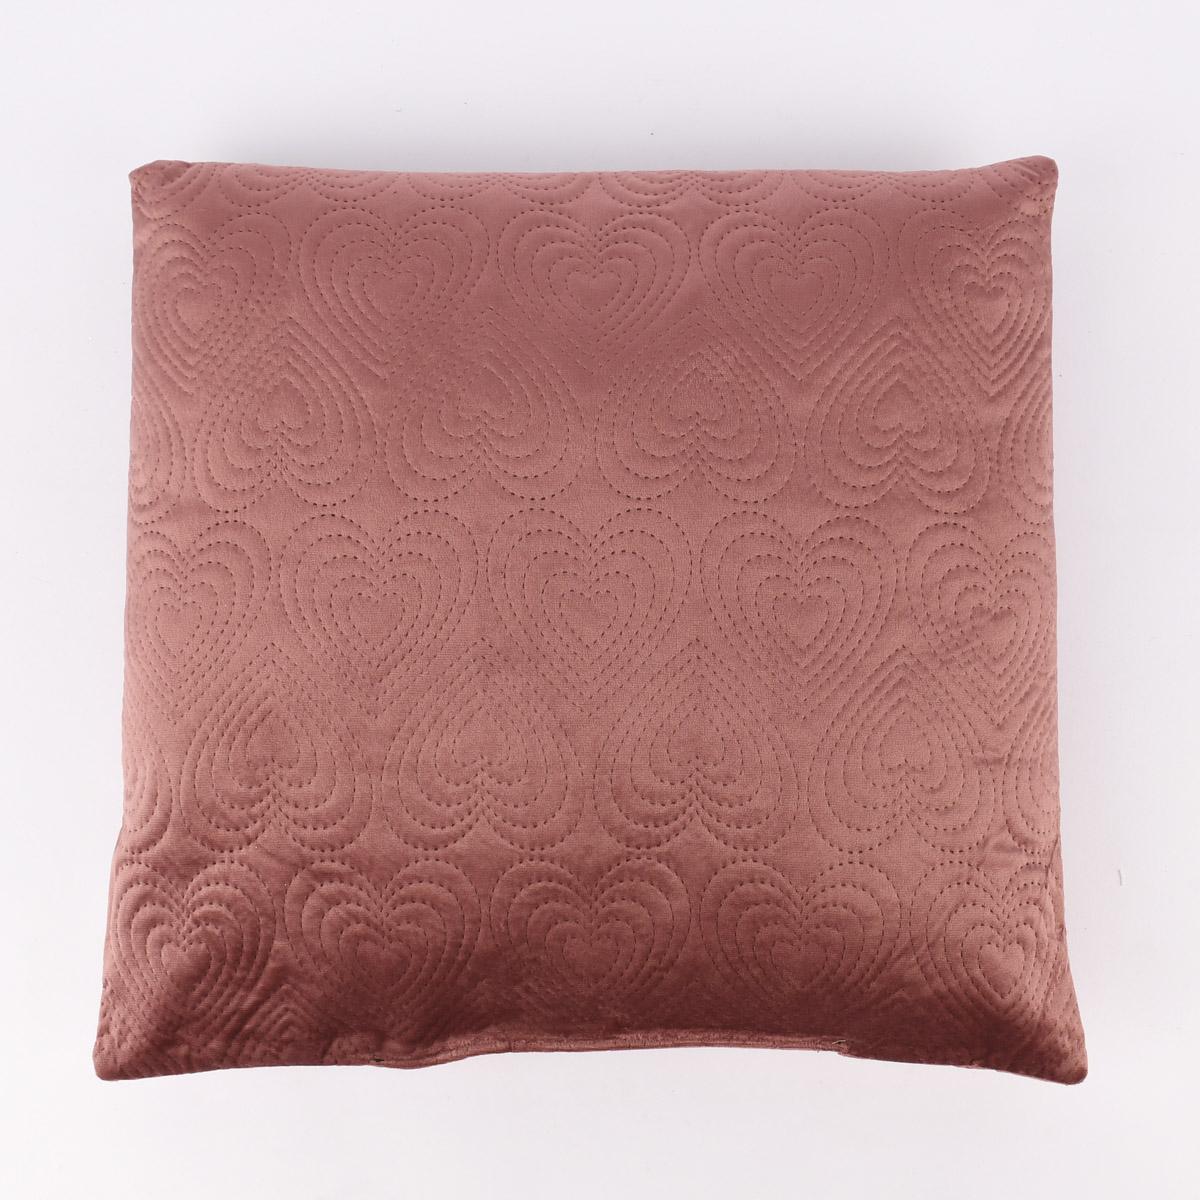 Deko Kissen Samtoptik mit Herzchen-Lasercut beere rosa oder dunkellila 43x43cm